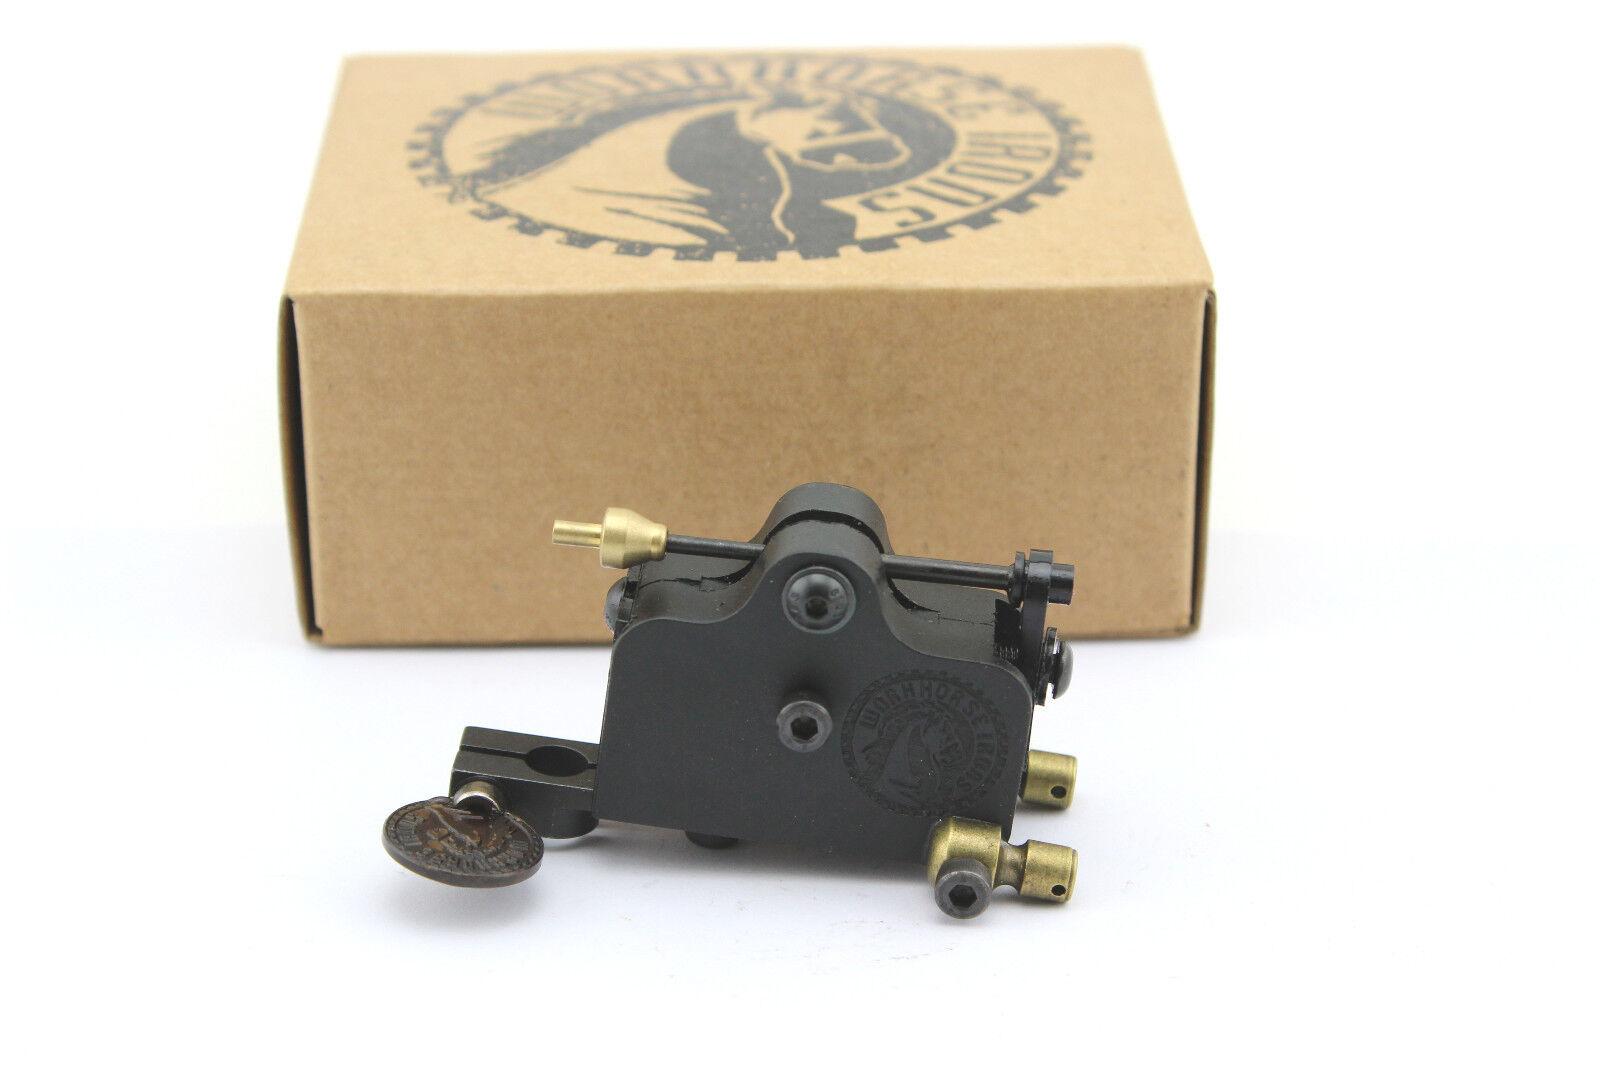 Brand New Technically Premium Rotary Tattoo Machine High Quality Tattoo Gun